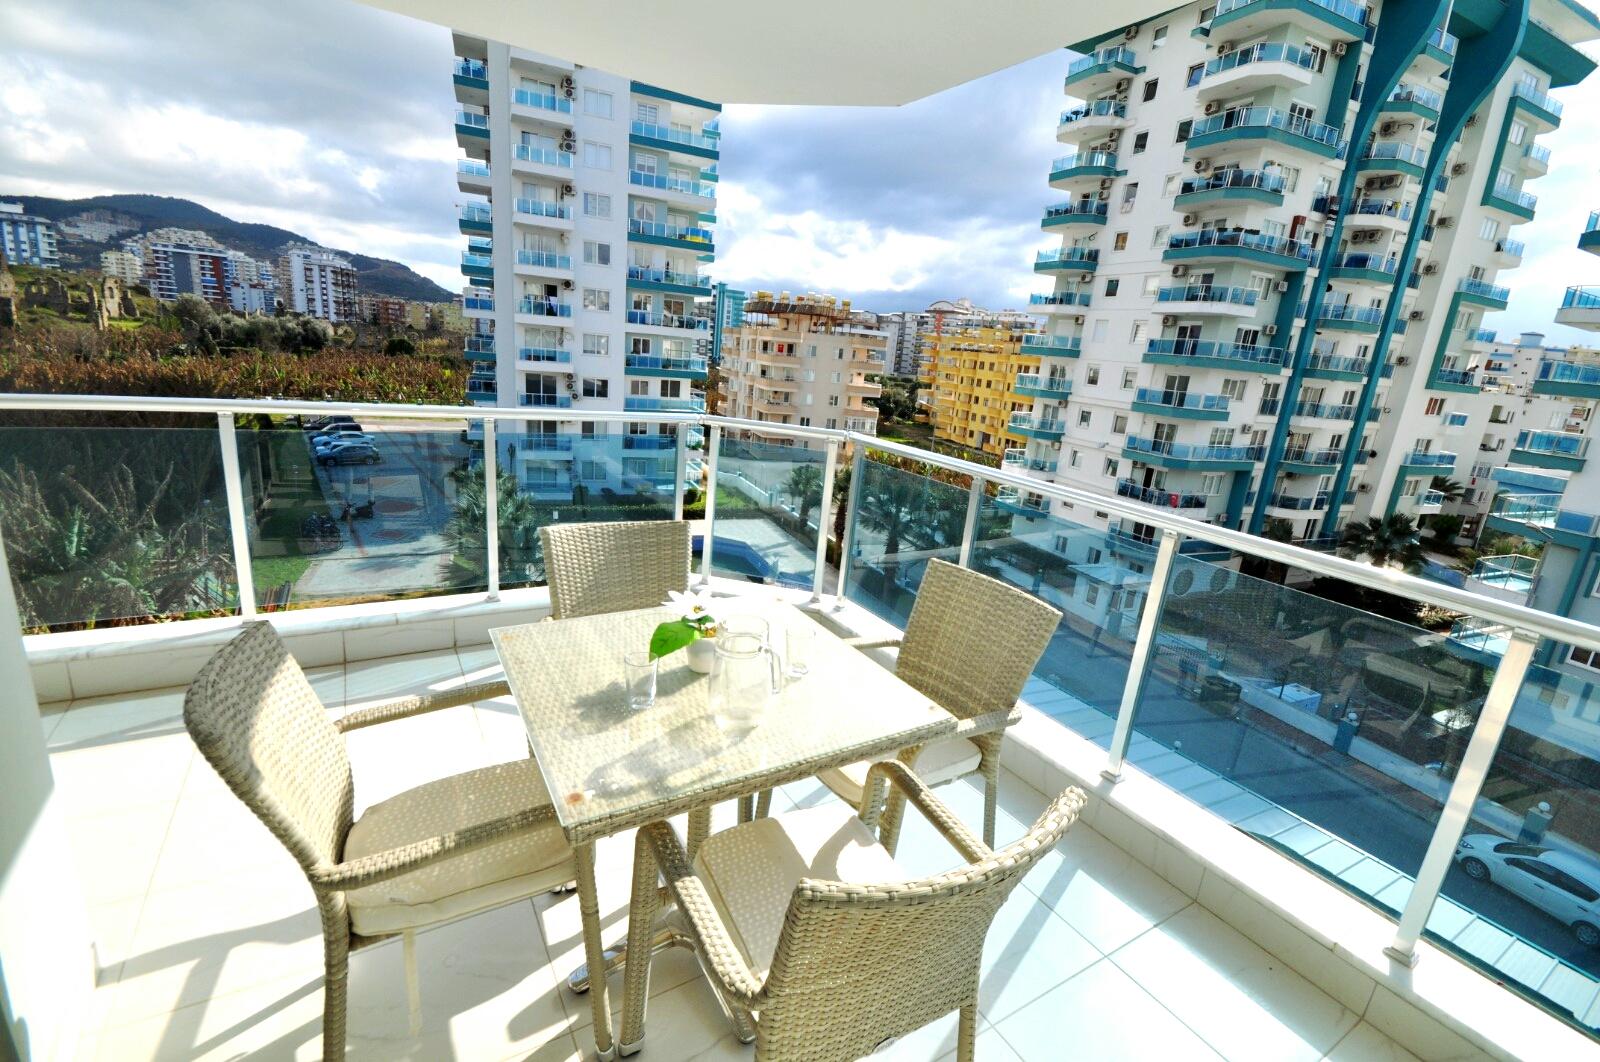 апартаменты 2+1 в ЖК Angels Homes, стоимостью 52500 евро